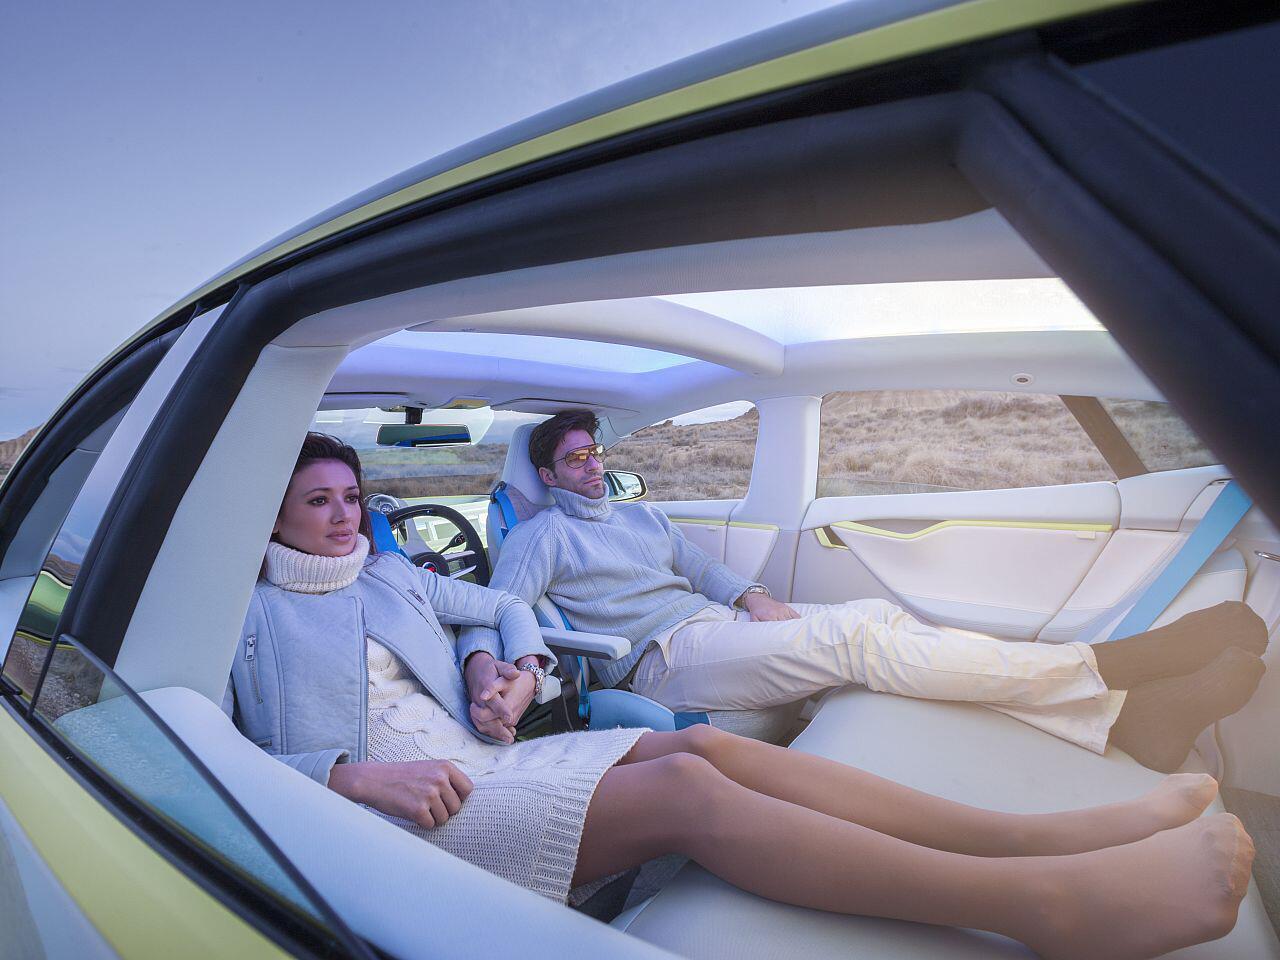 Bild zu Individuelle Moblität 2025